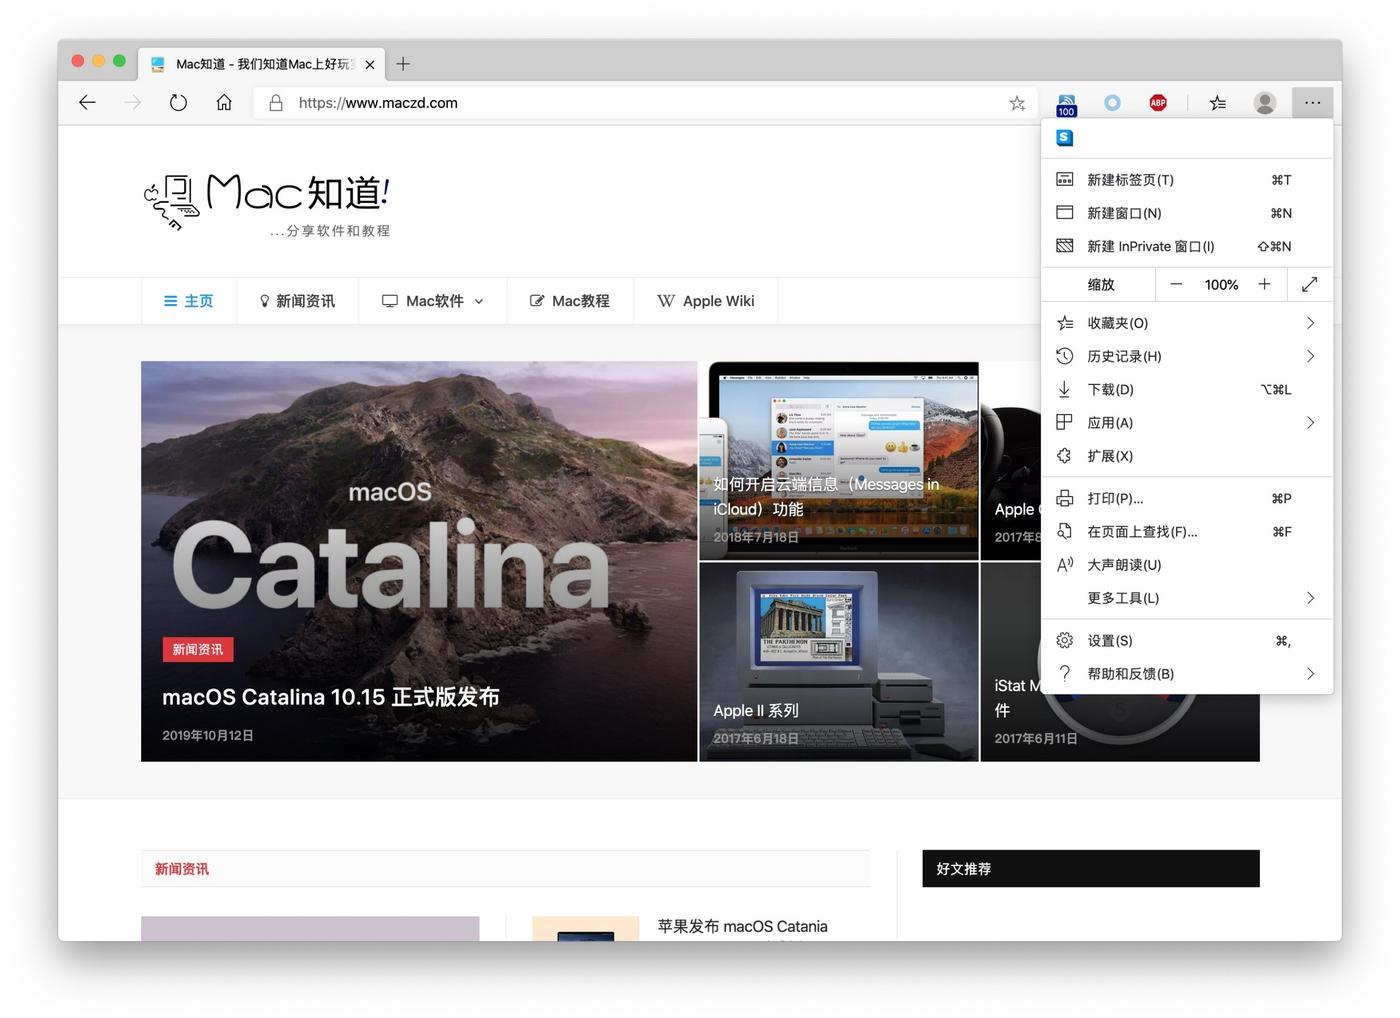 在 Microsoft Edge 上打开「Mac知道」